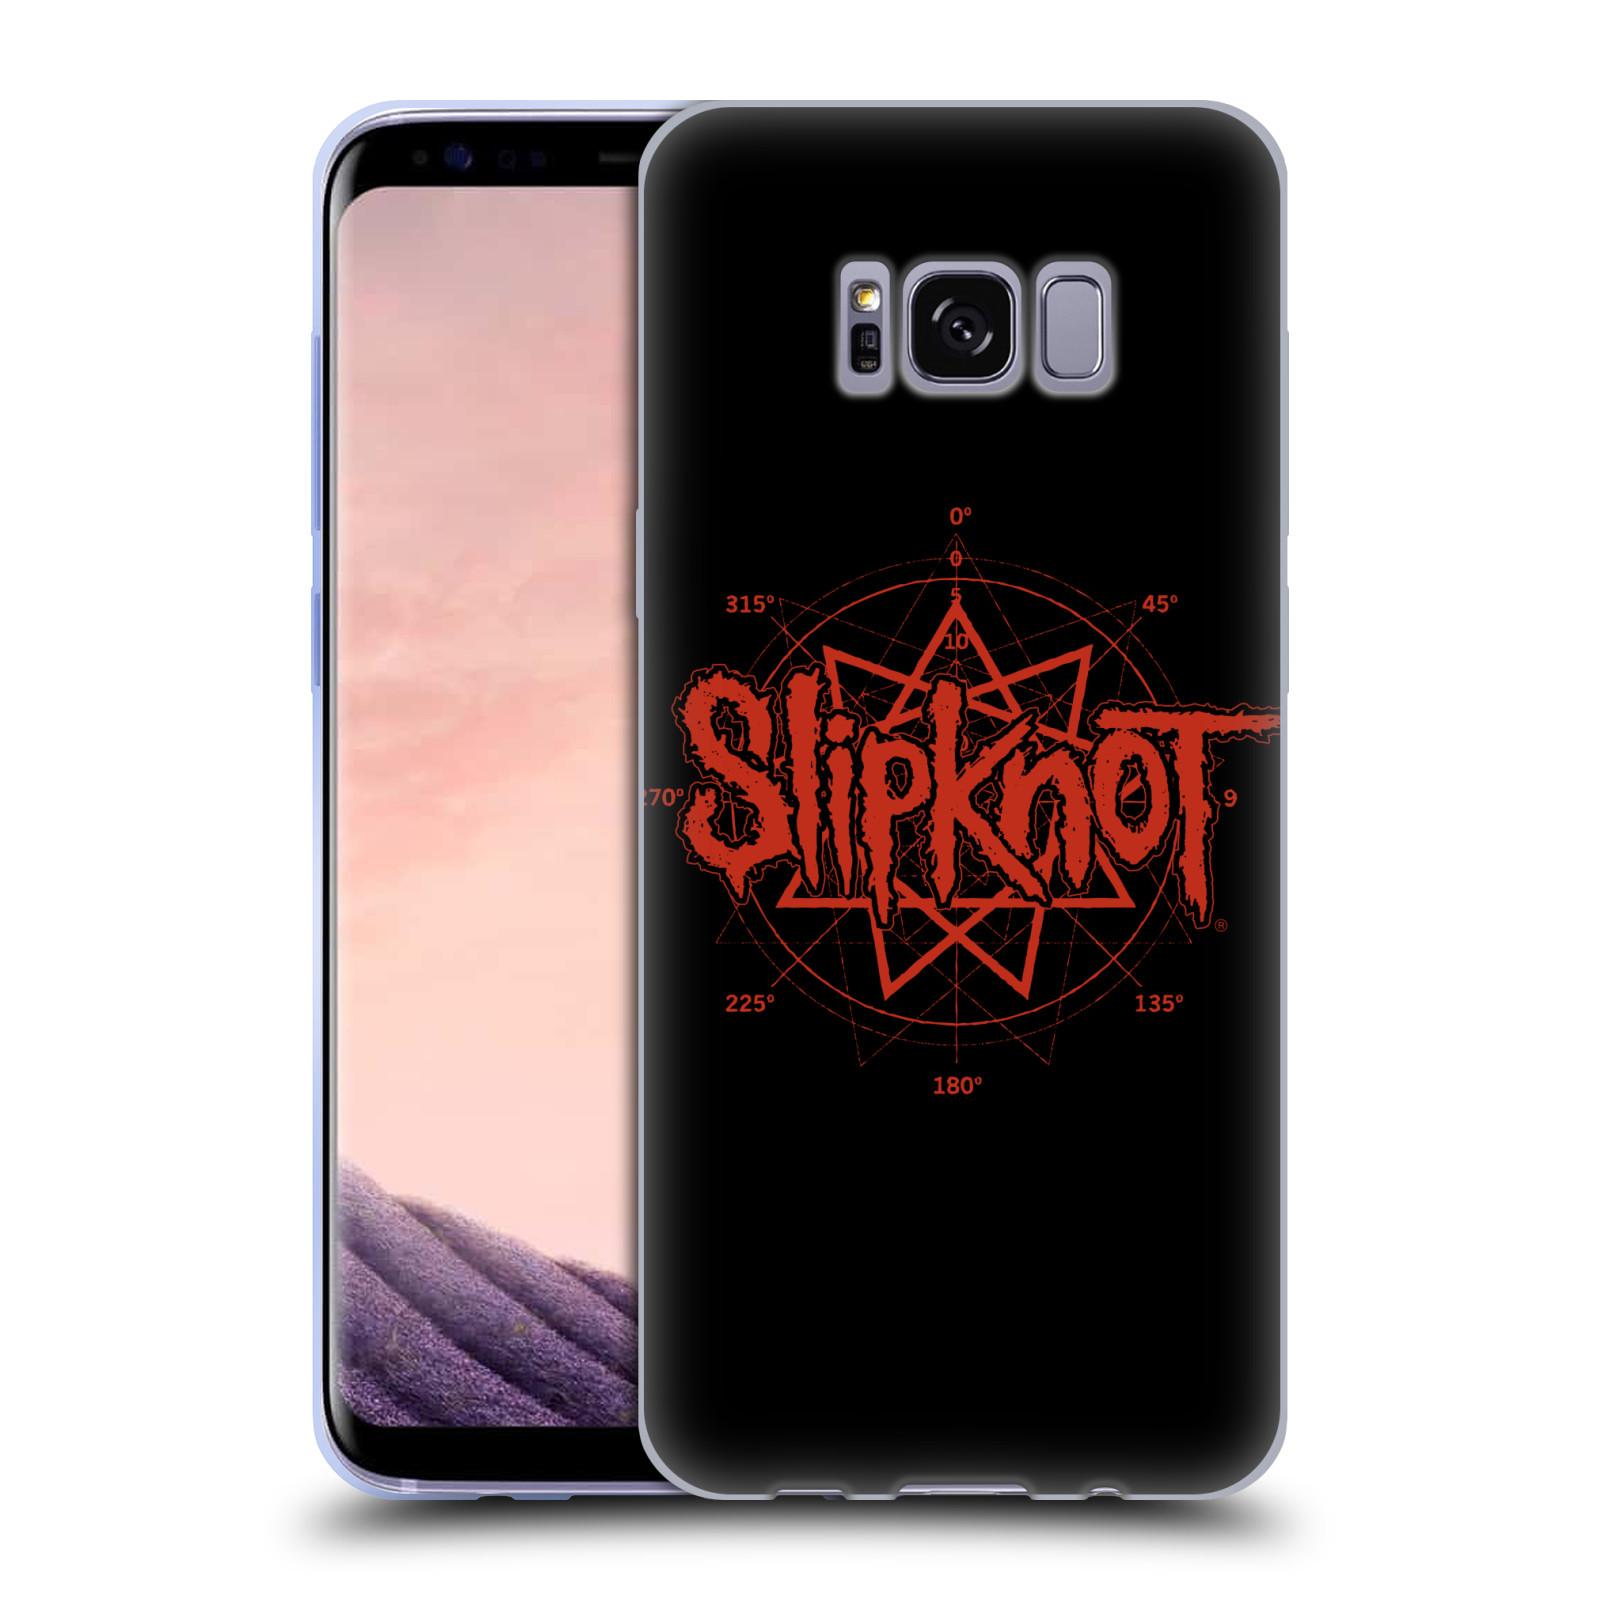 HEAD CASE silikonový obal na mobil Samsung Galaxy S8 hudební skupina Slipknot logo